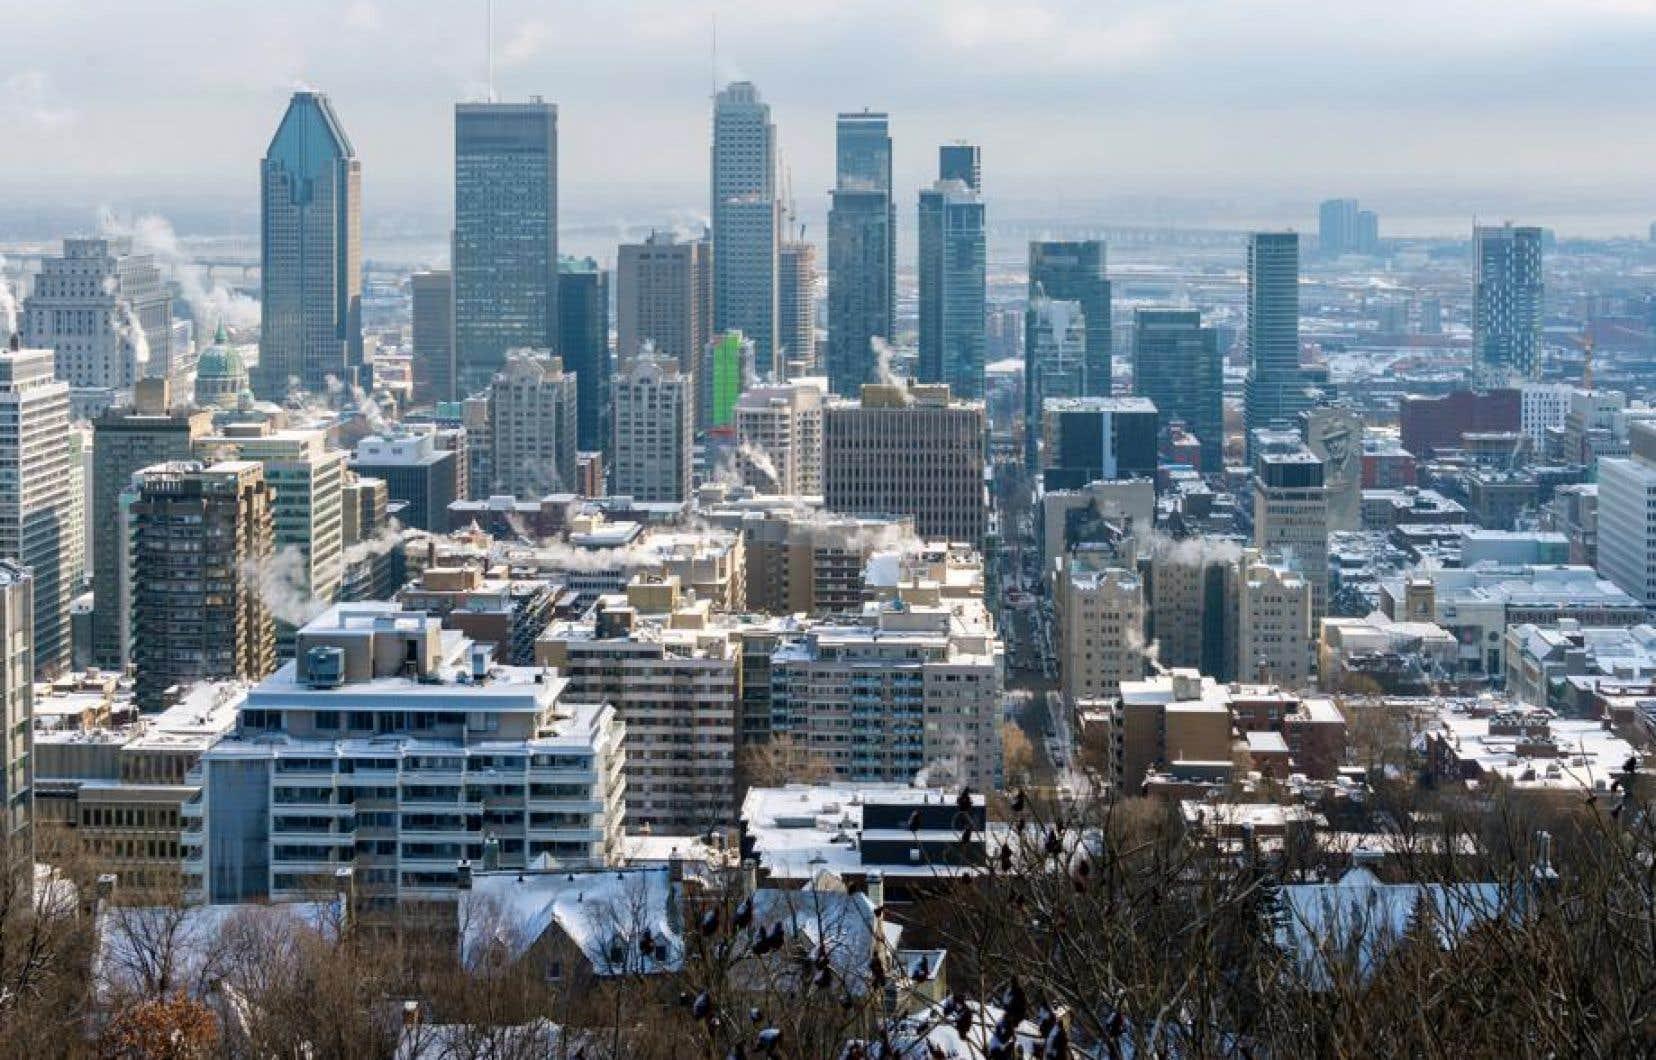 La grande région de Montréal verra son nombre d'emplois total reculer de 4,8% au cours des trois prochains mois, soitl'équivalent d'un peu plus de 105000 emplois, estime la Communauté métropolitaine de Montréal.